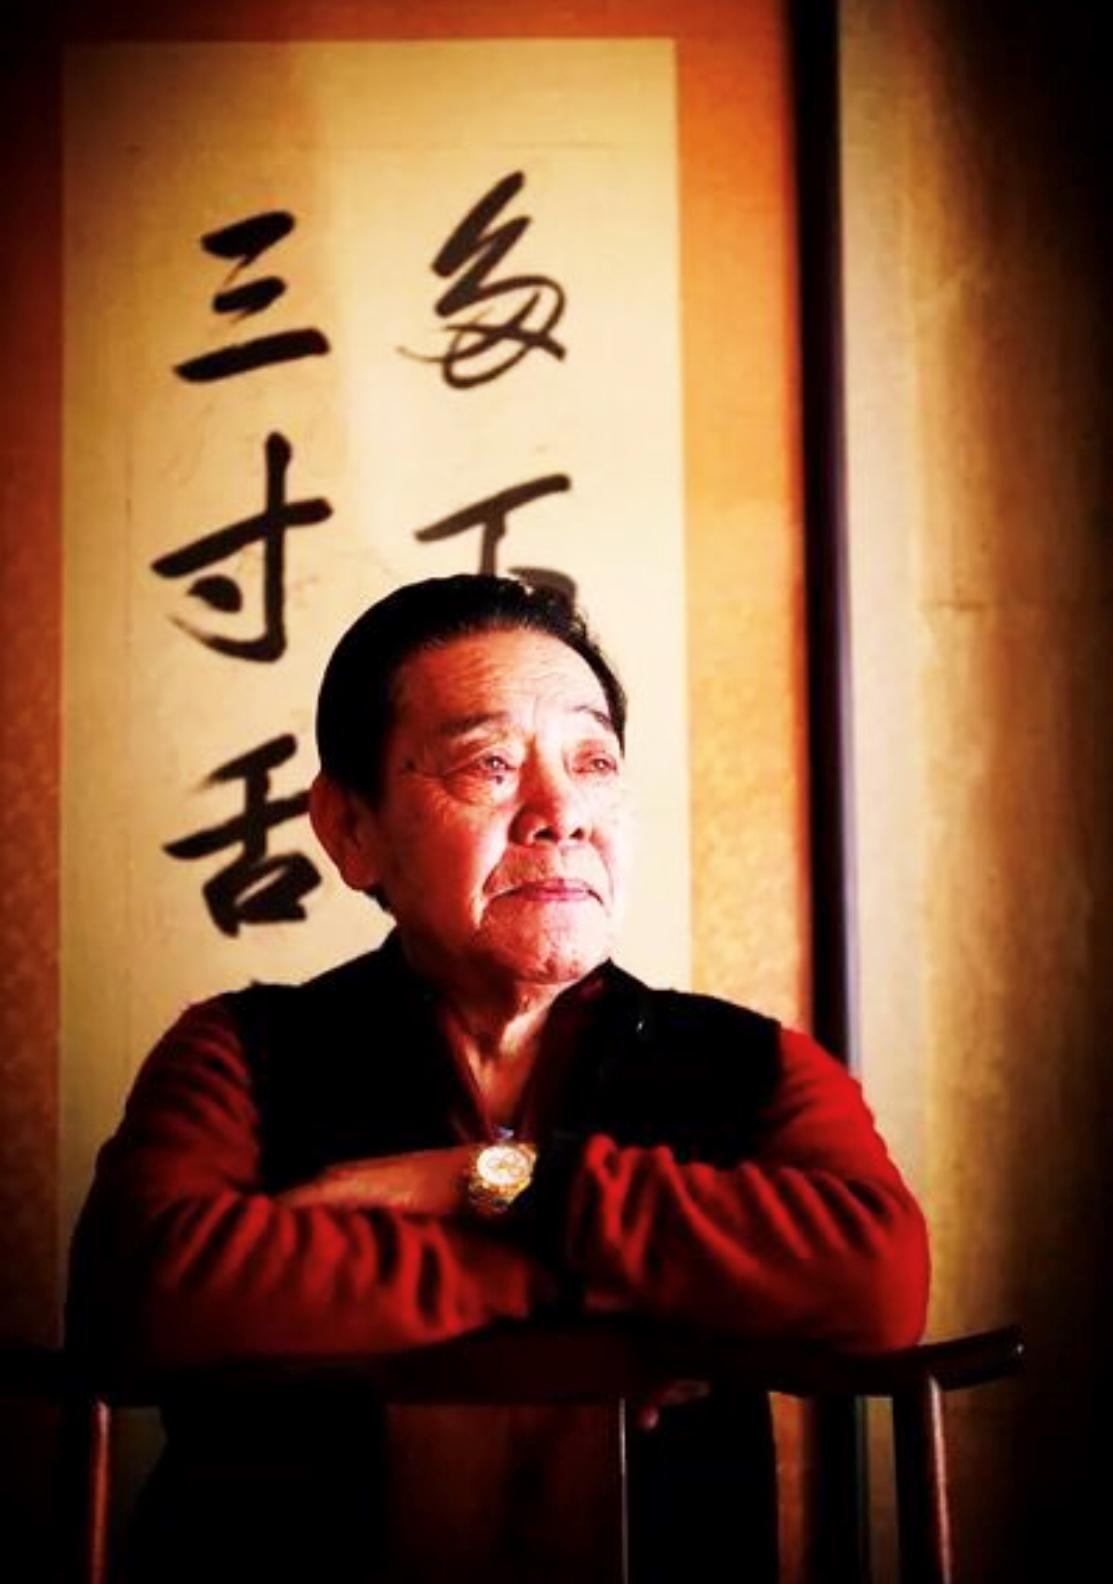 著名评书艺术家单田芳